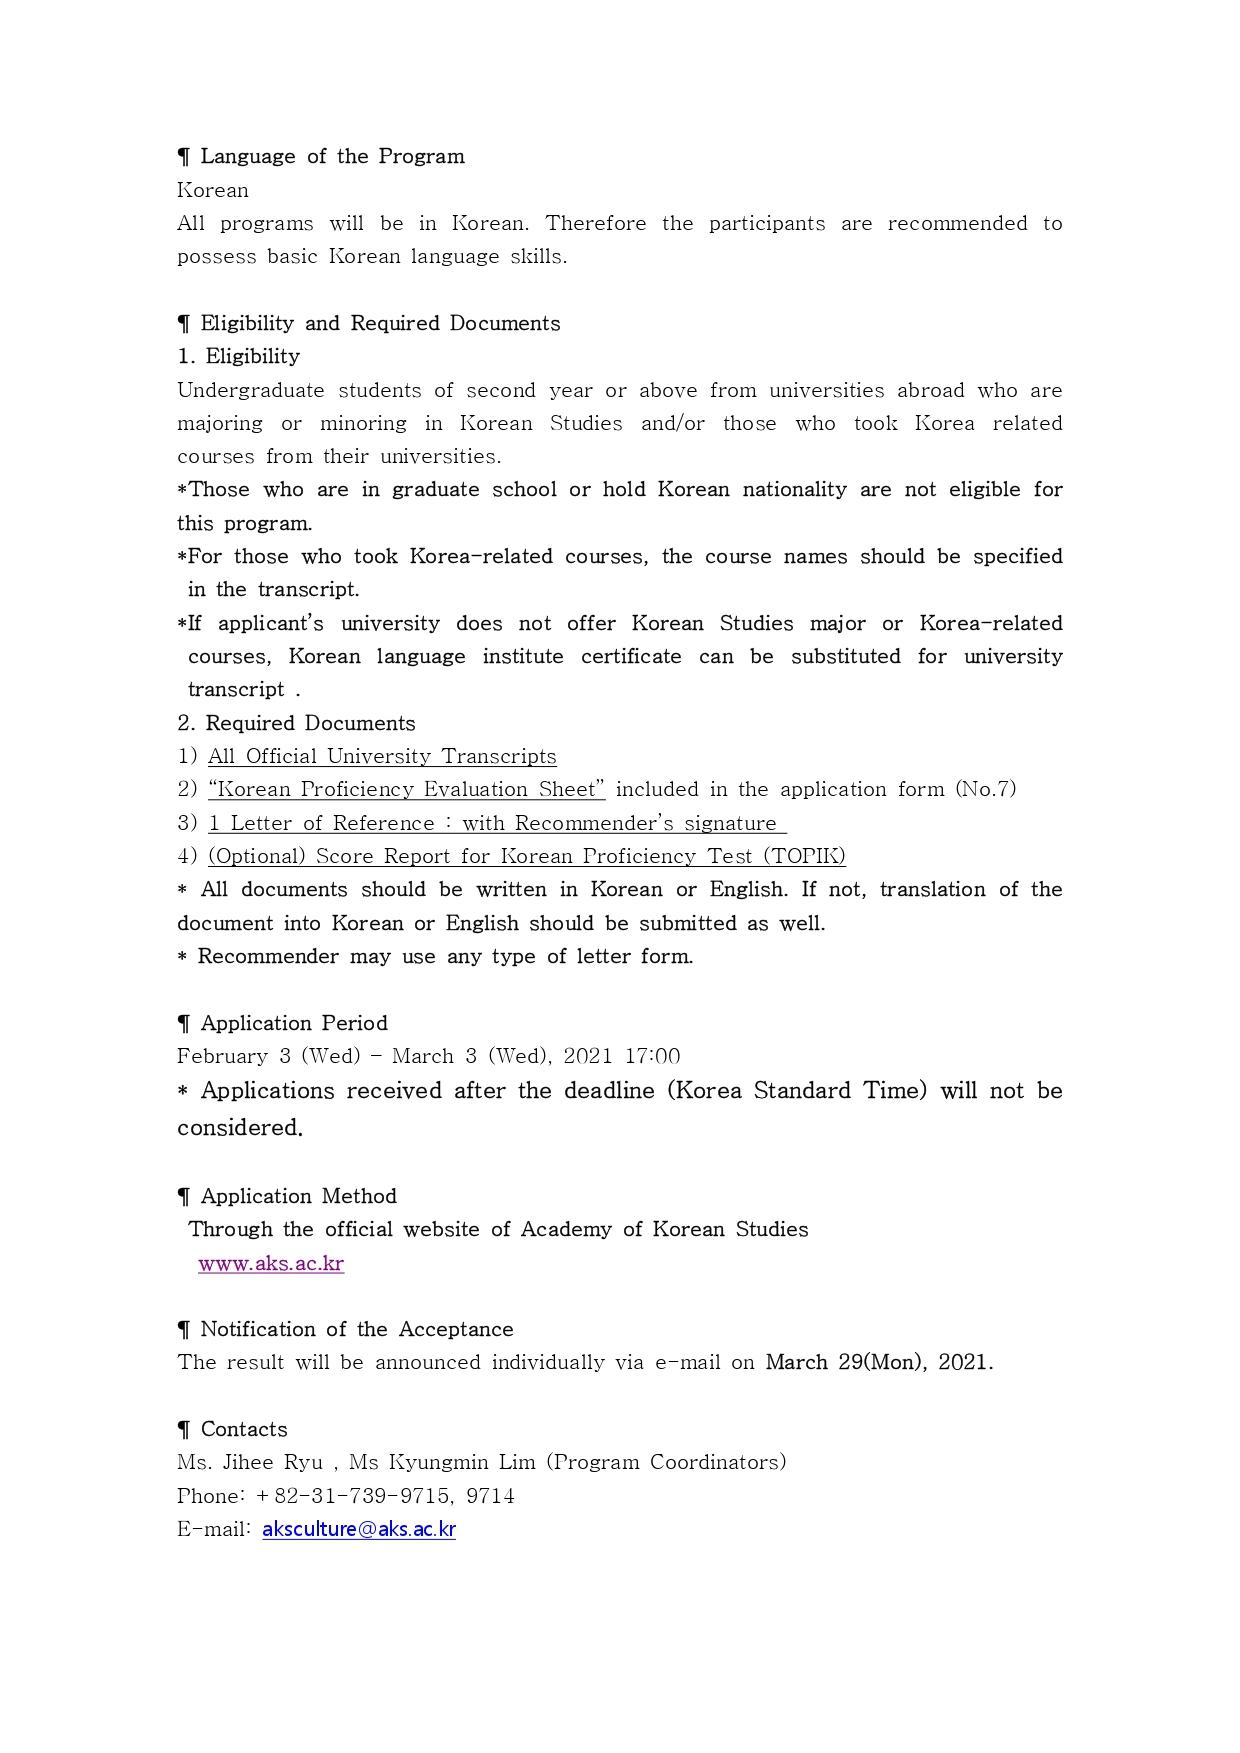 제30회, 제31회 한국문화강좌 공고문-1-2_page-0002.jpg